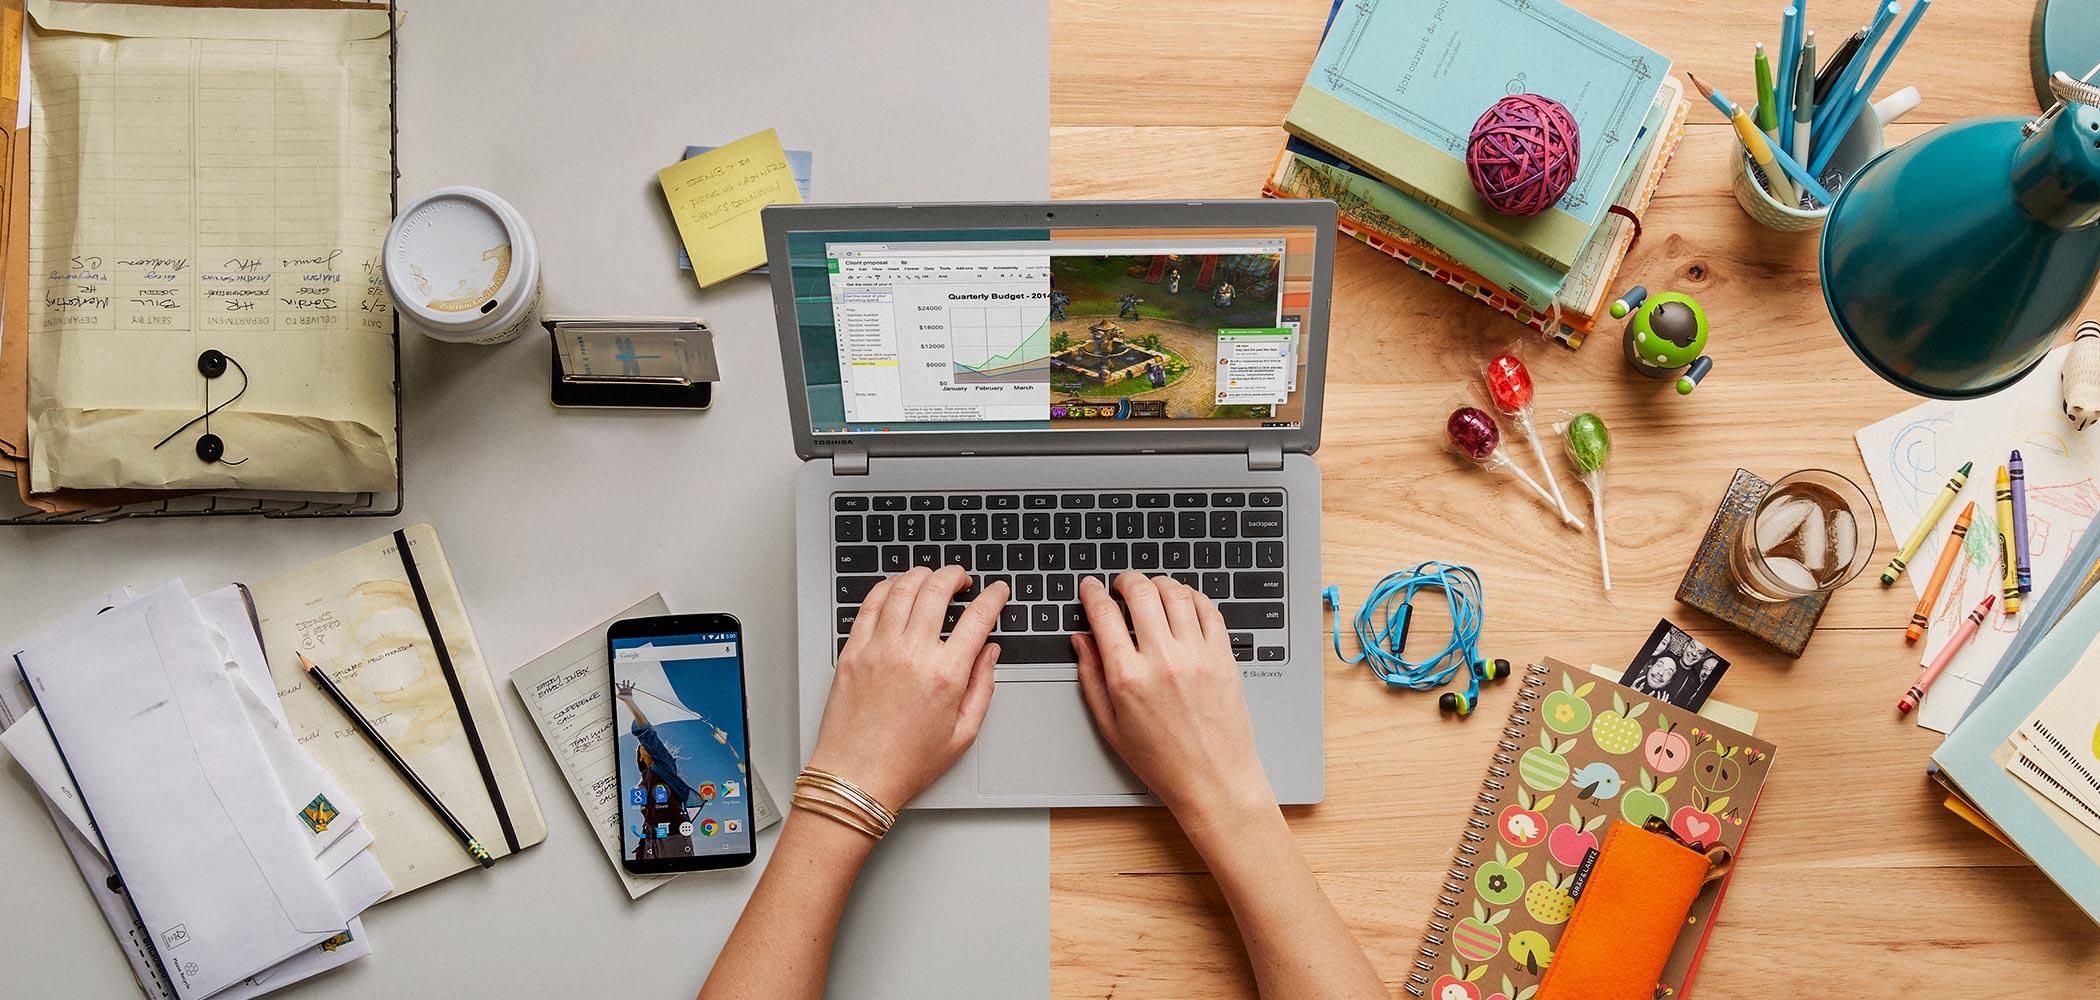 Z Chromebooków można wycisnąć więcej, niż ci się wydaje. Top 8 ukrytych funkcji